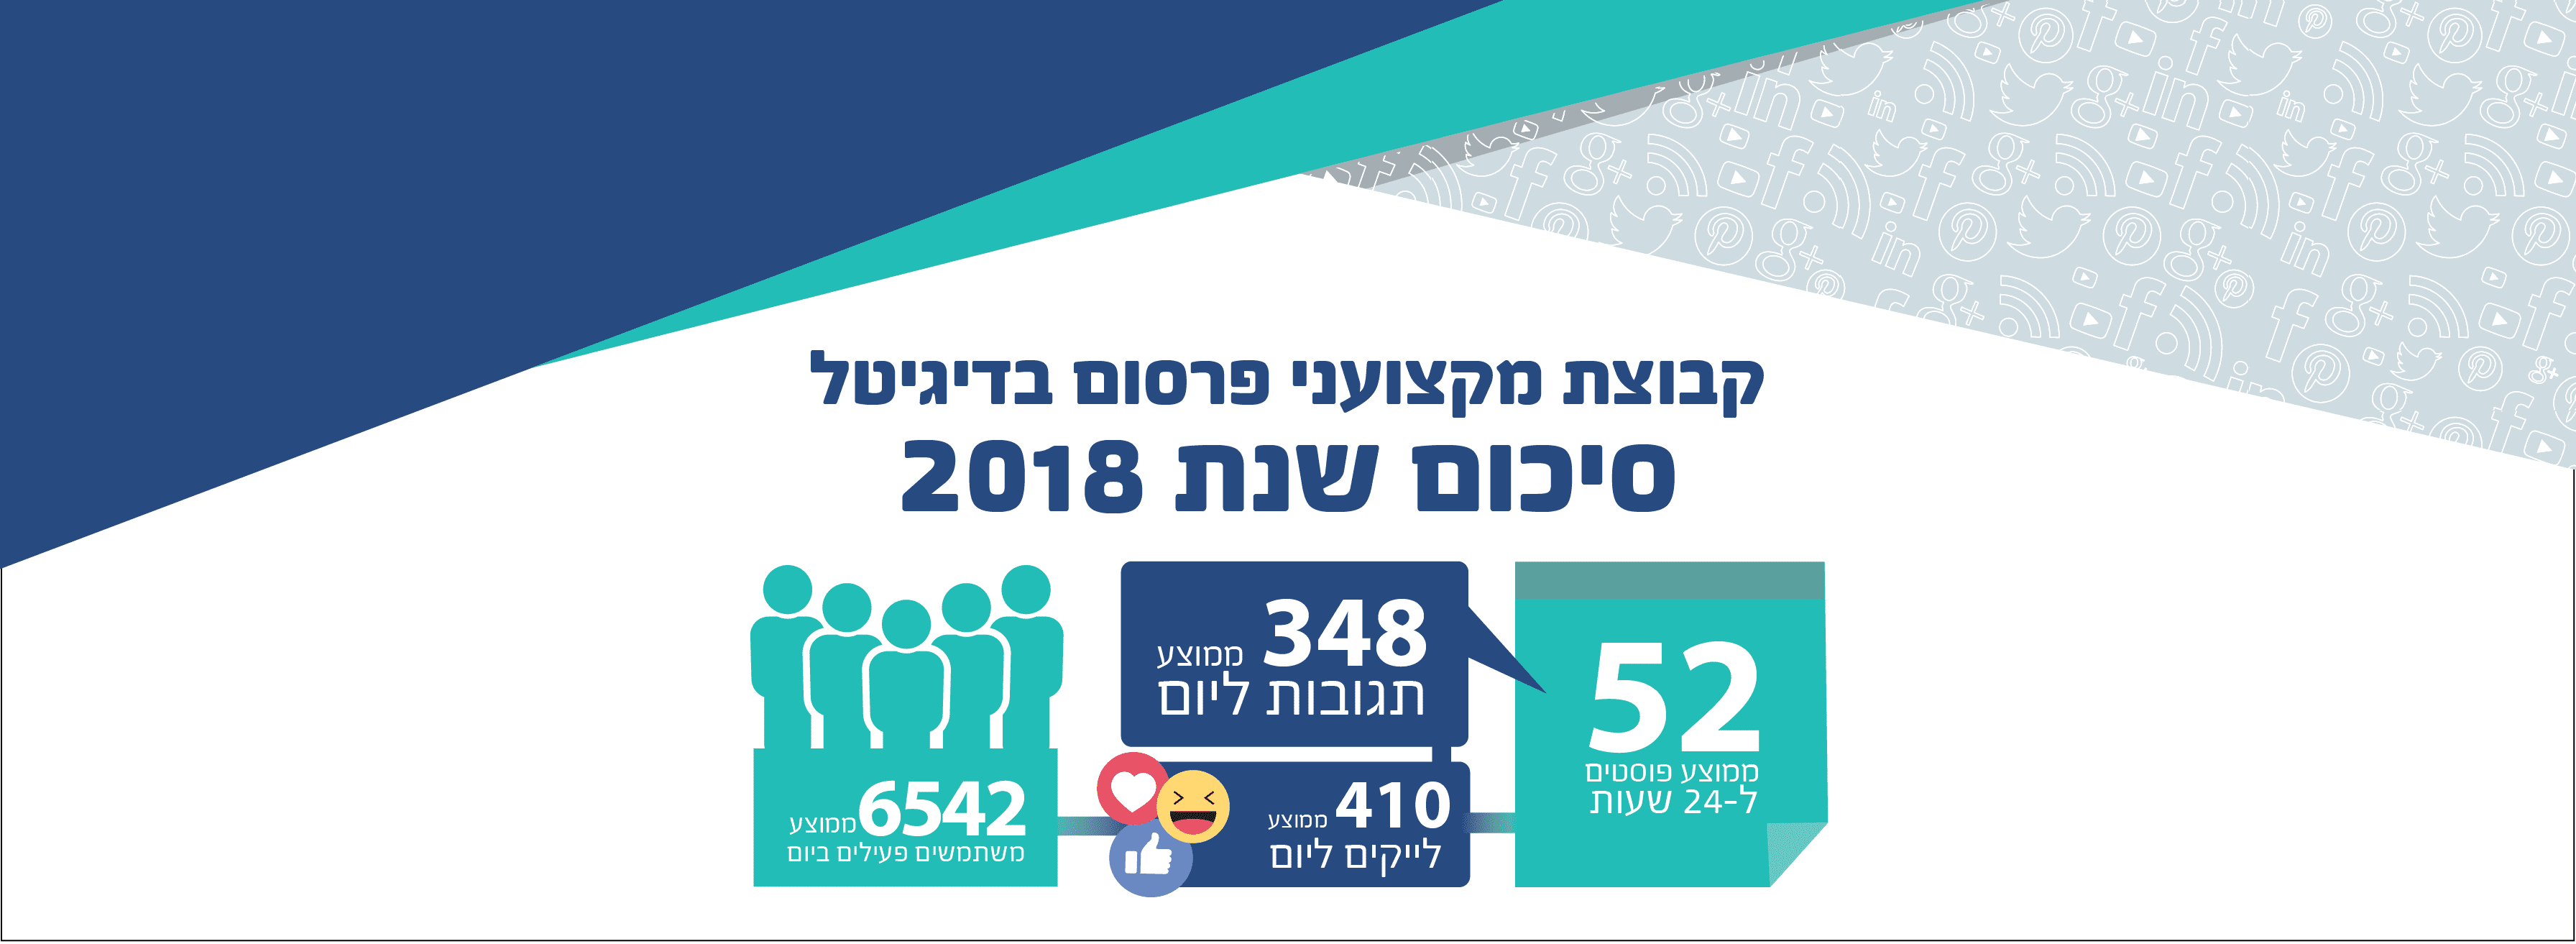 קבוצת מקצועני פרסום בדיגיטל סיכום שנת 2018